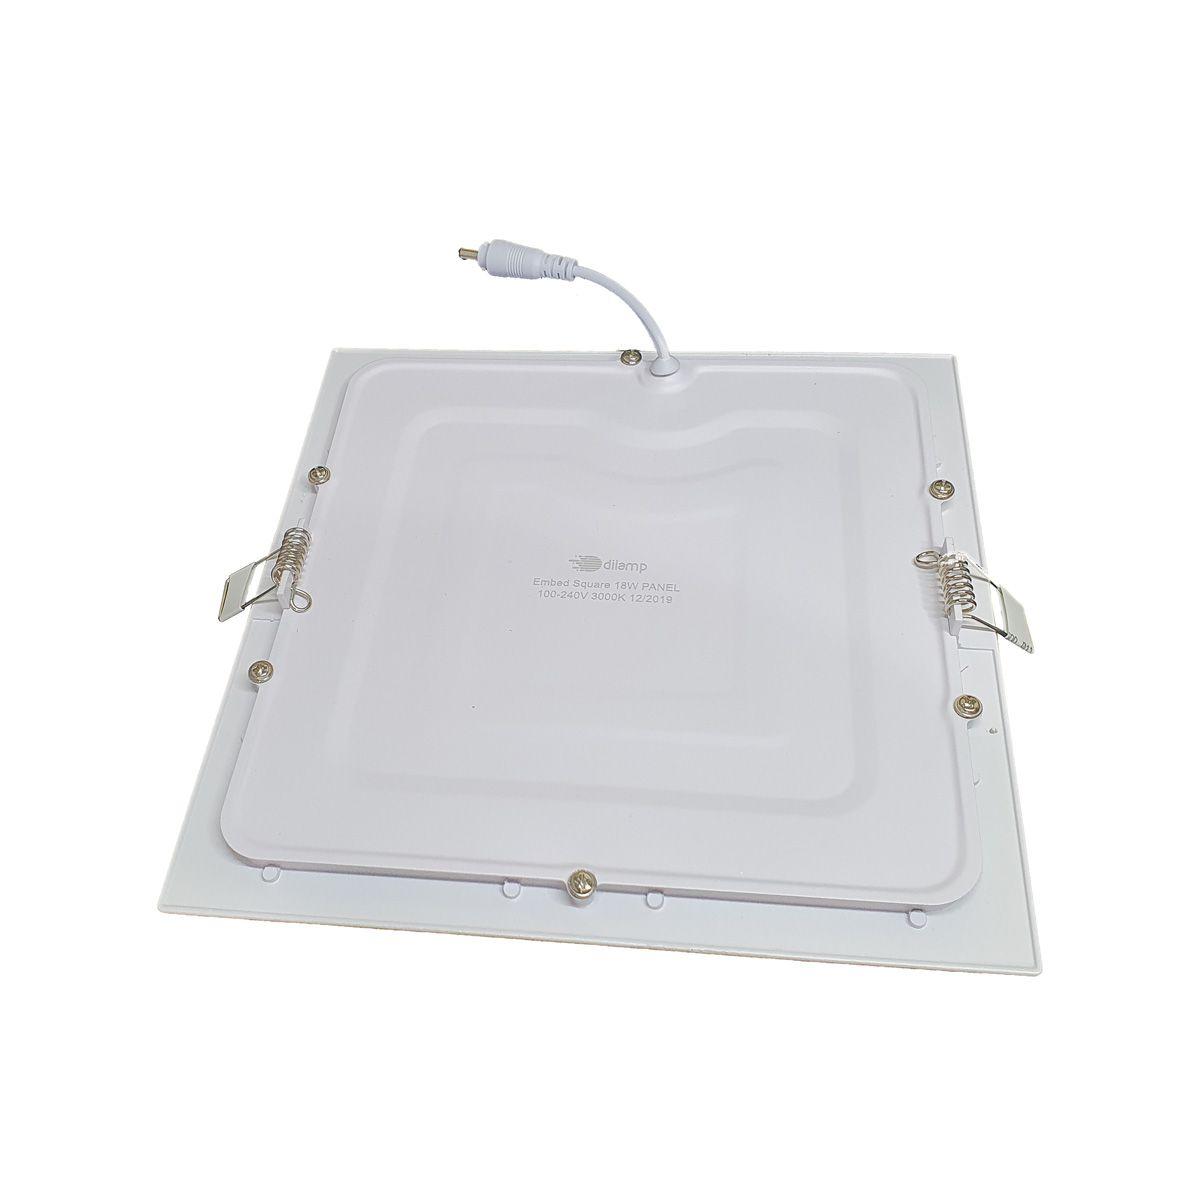 Painel Plafon LED 12w Quadrado Luminaria Embutir Branca Luz Fria